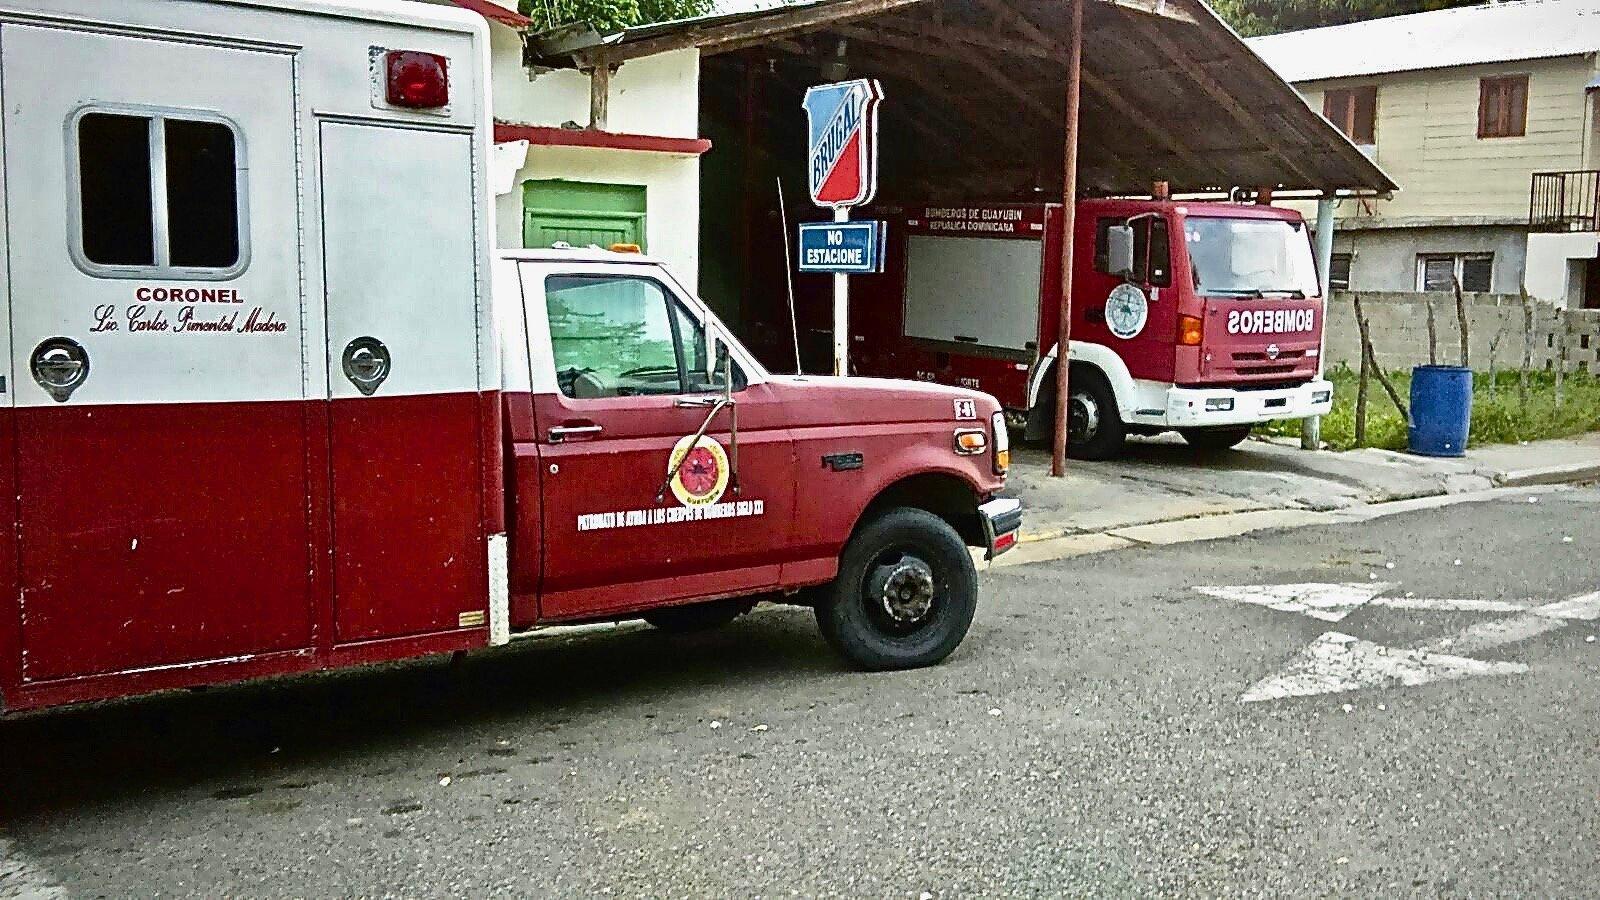 Ambulancia y Camion del Cuerpo de Bomberos de Guayubín